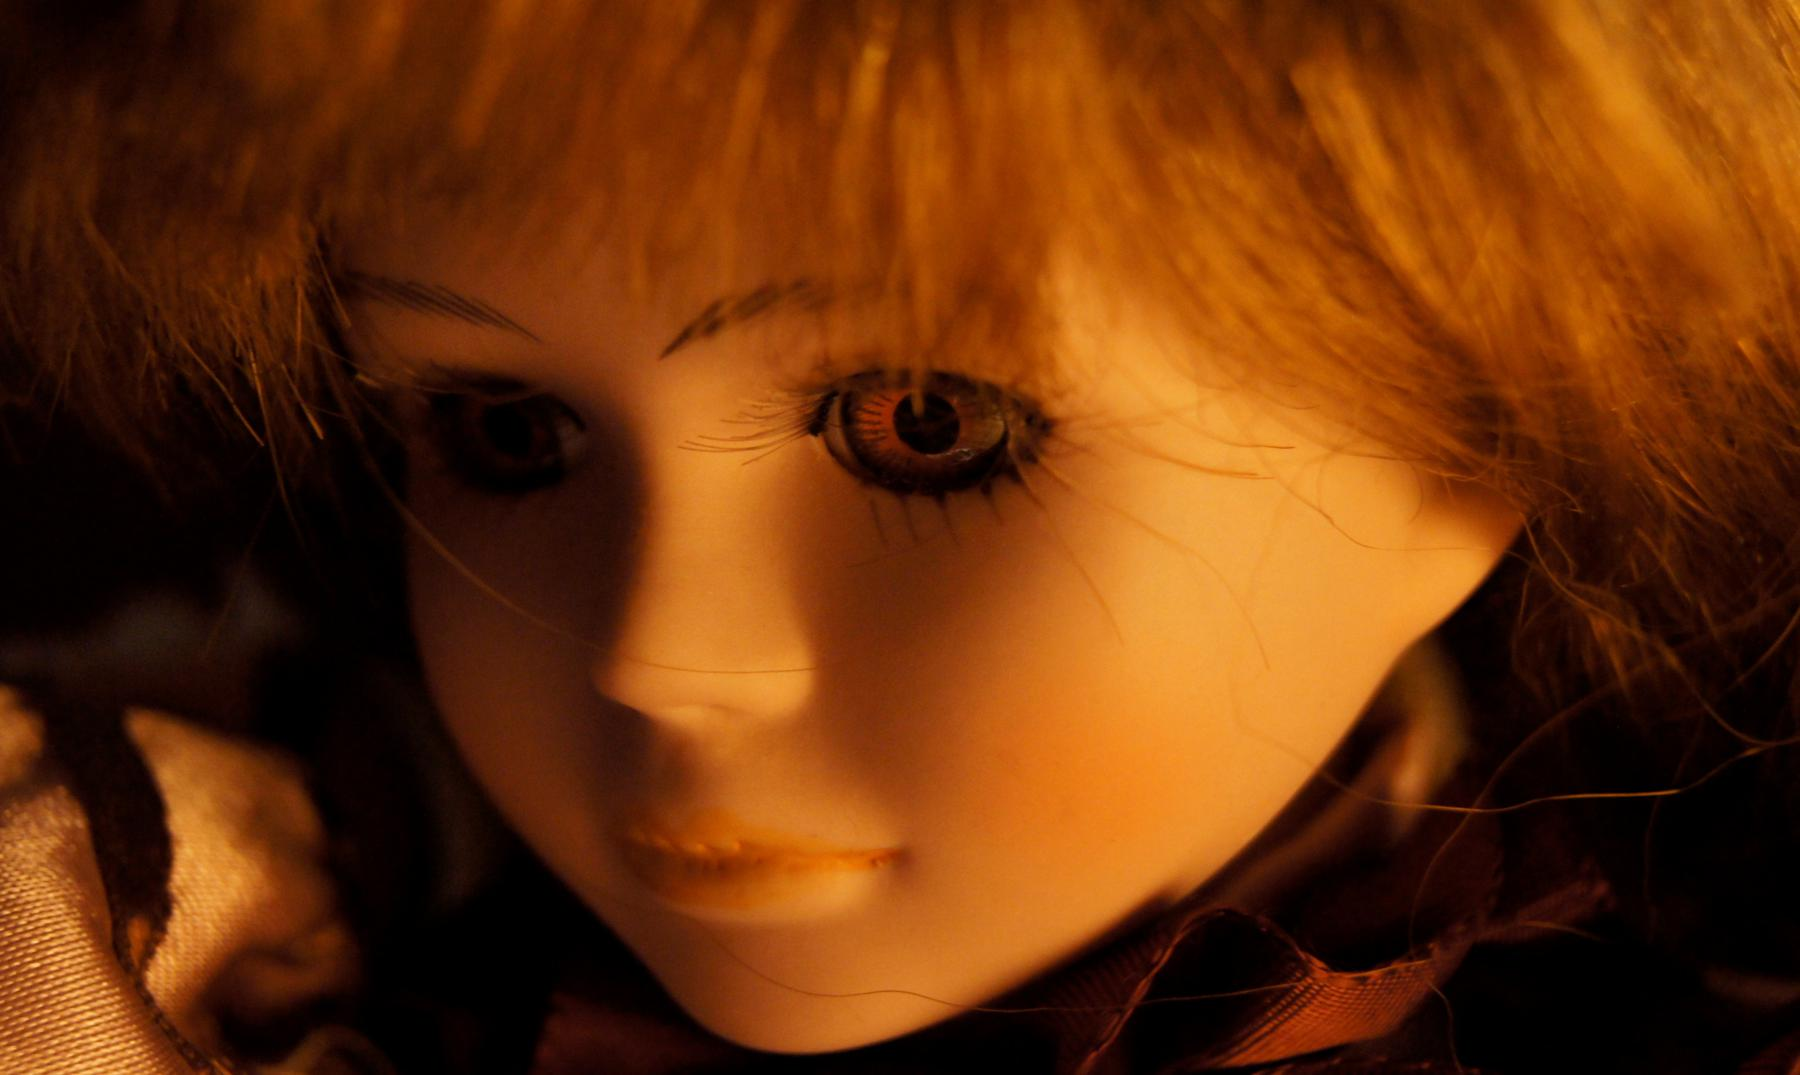 Katrin Reedik, la mujer que colecciona muñecas embrujadas